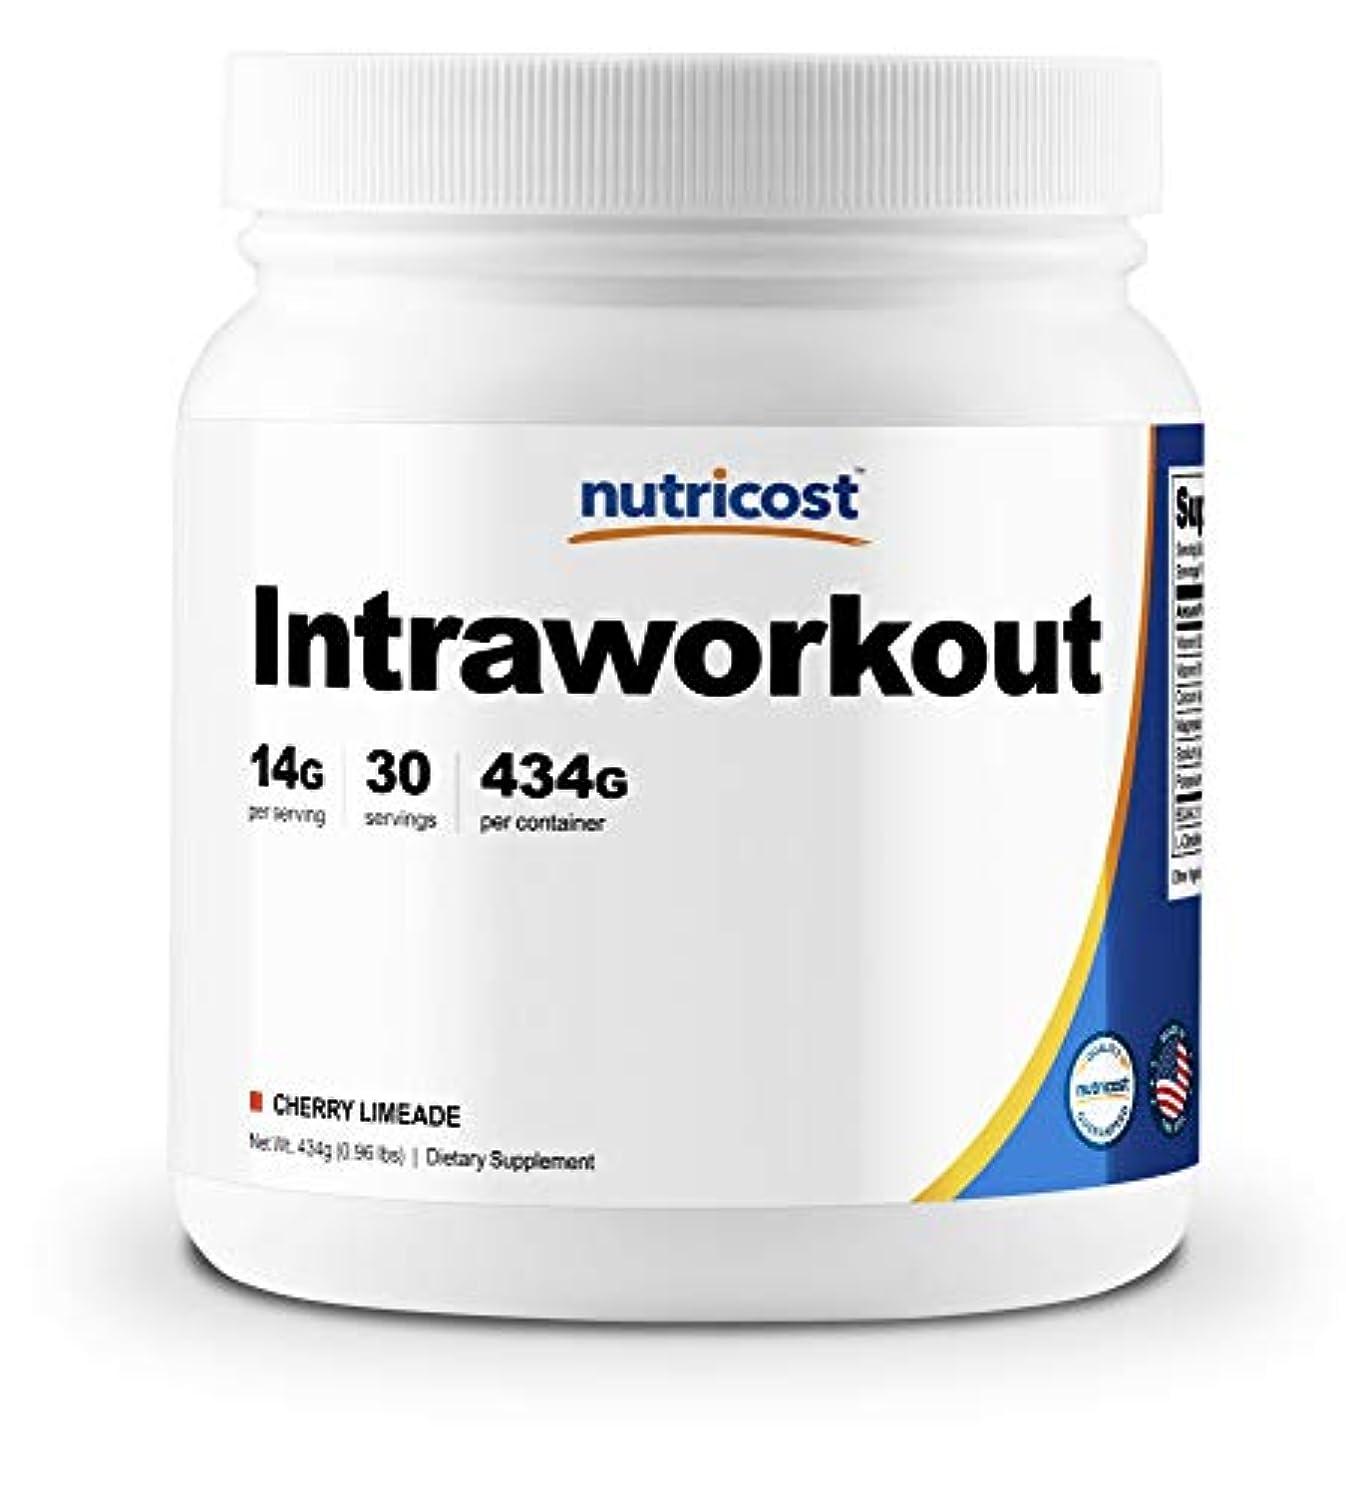 沈黙露骨な確認Nutricost イントラワークアウトパウダー(チェリーライムエード味)、非GMO、グルテンフリー